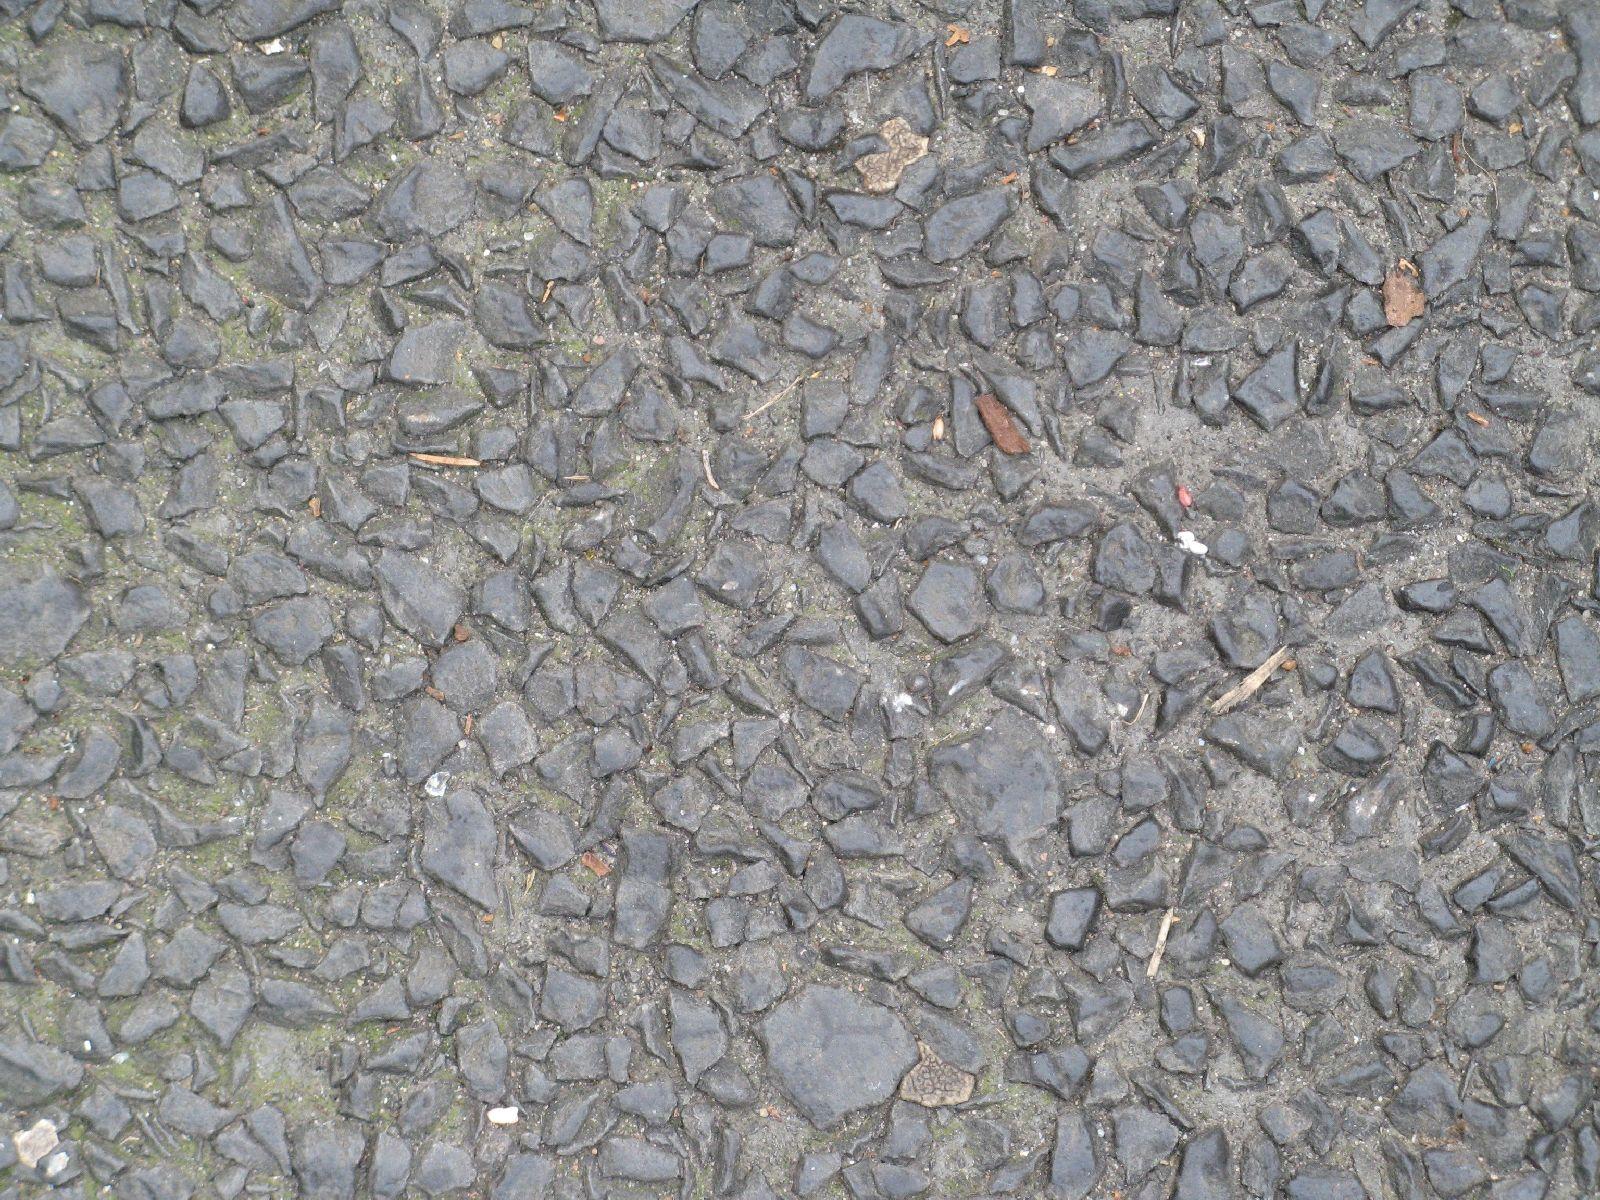 Ground-Urban_Texture_B_0731